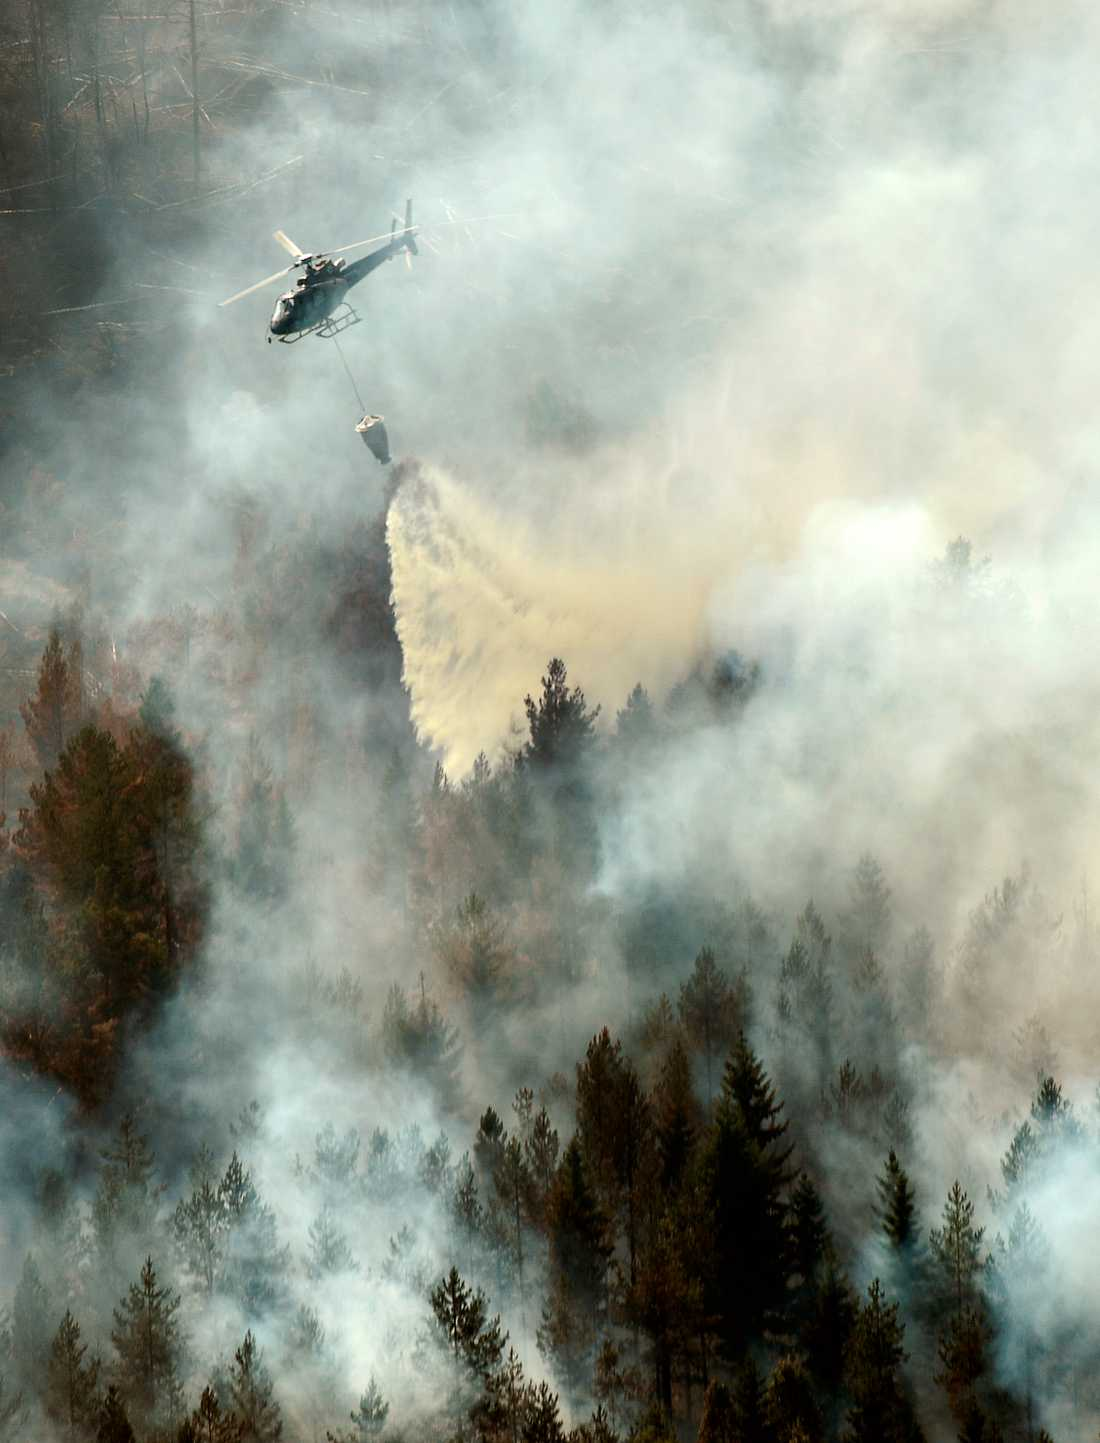 Släckningsarbete med helikopter över branden i Ljusdal.